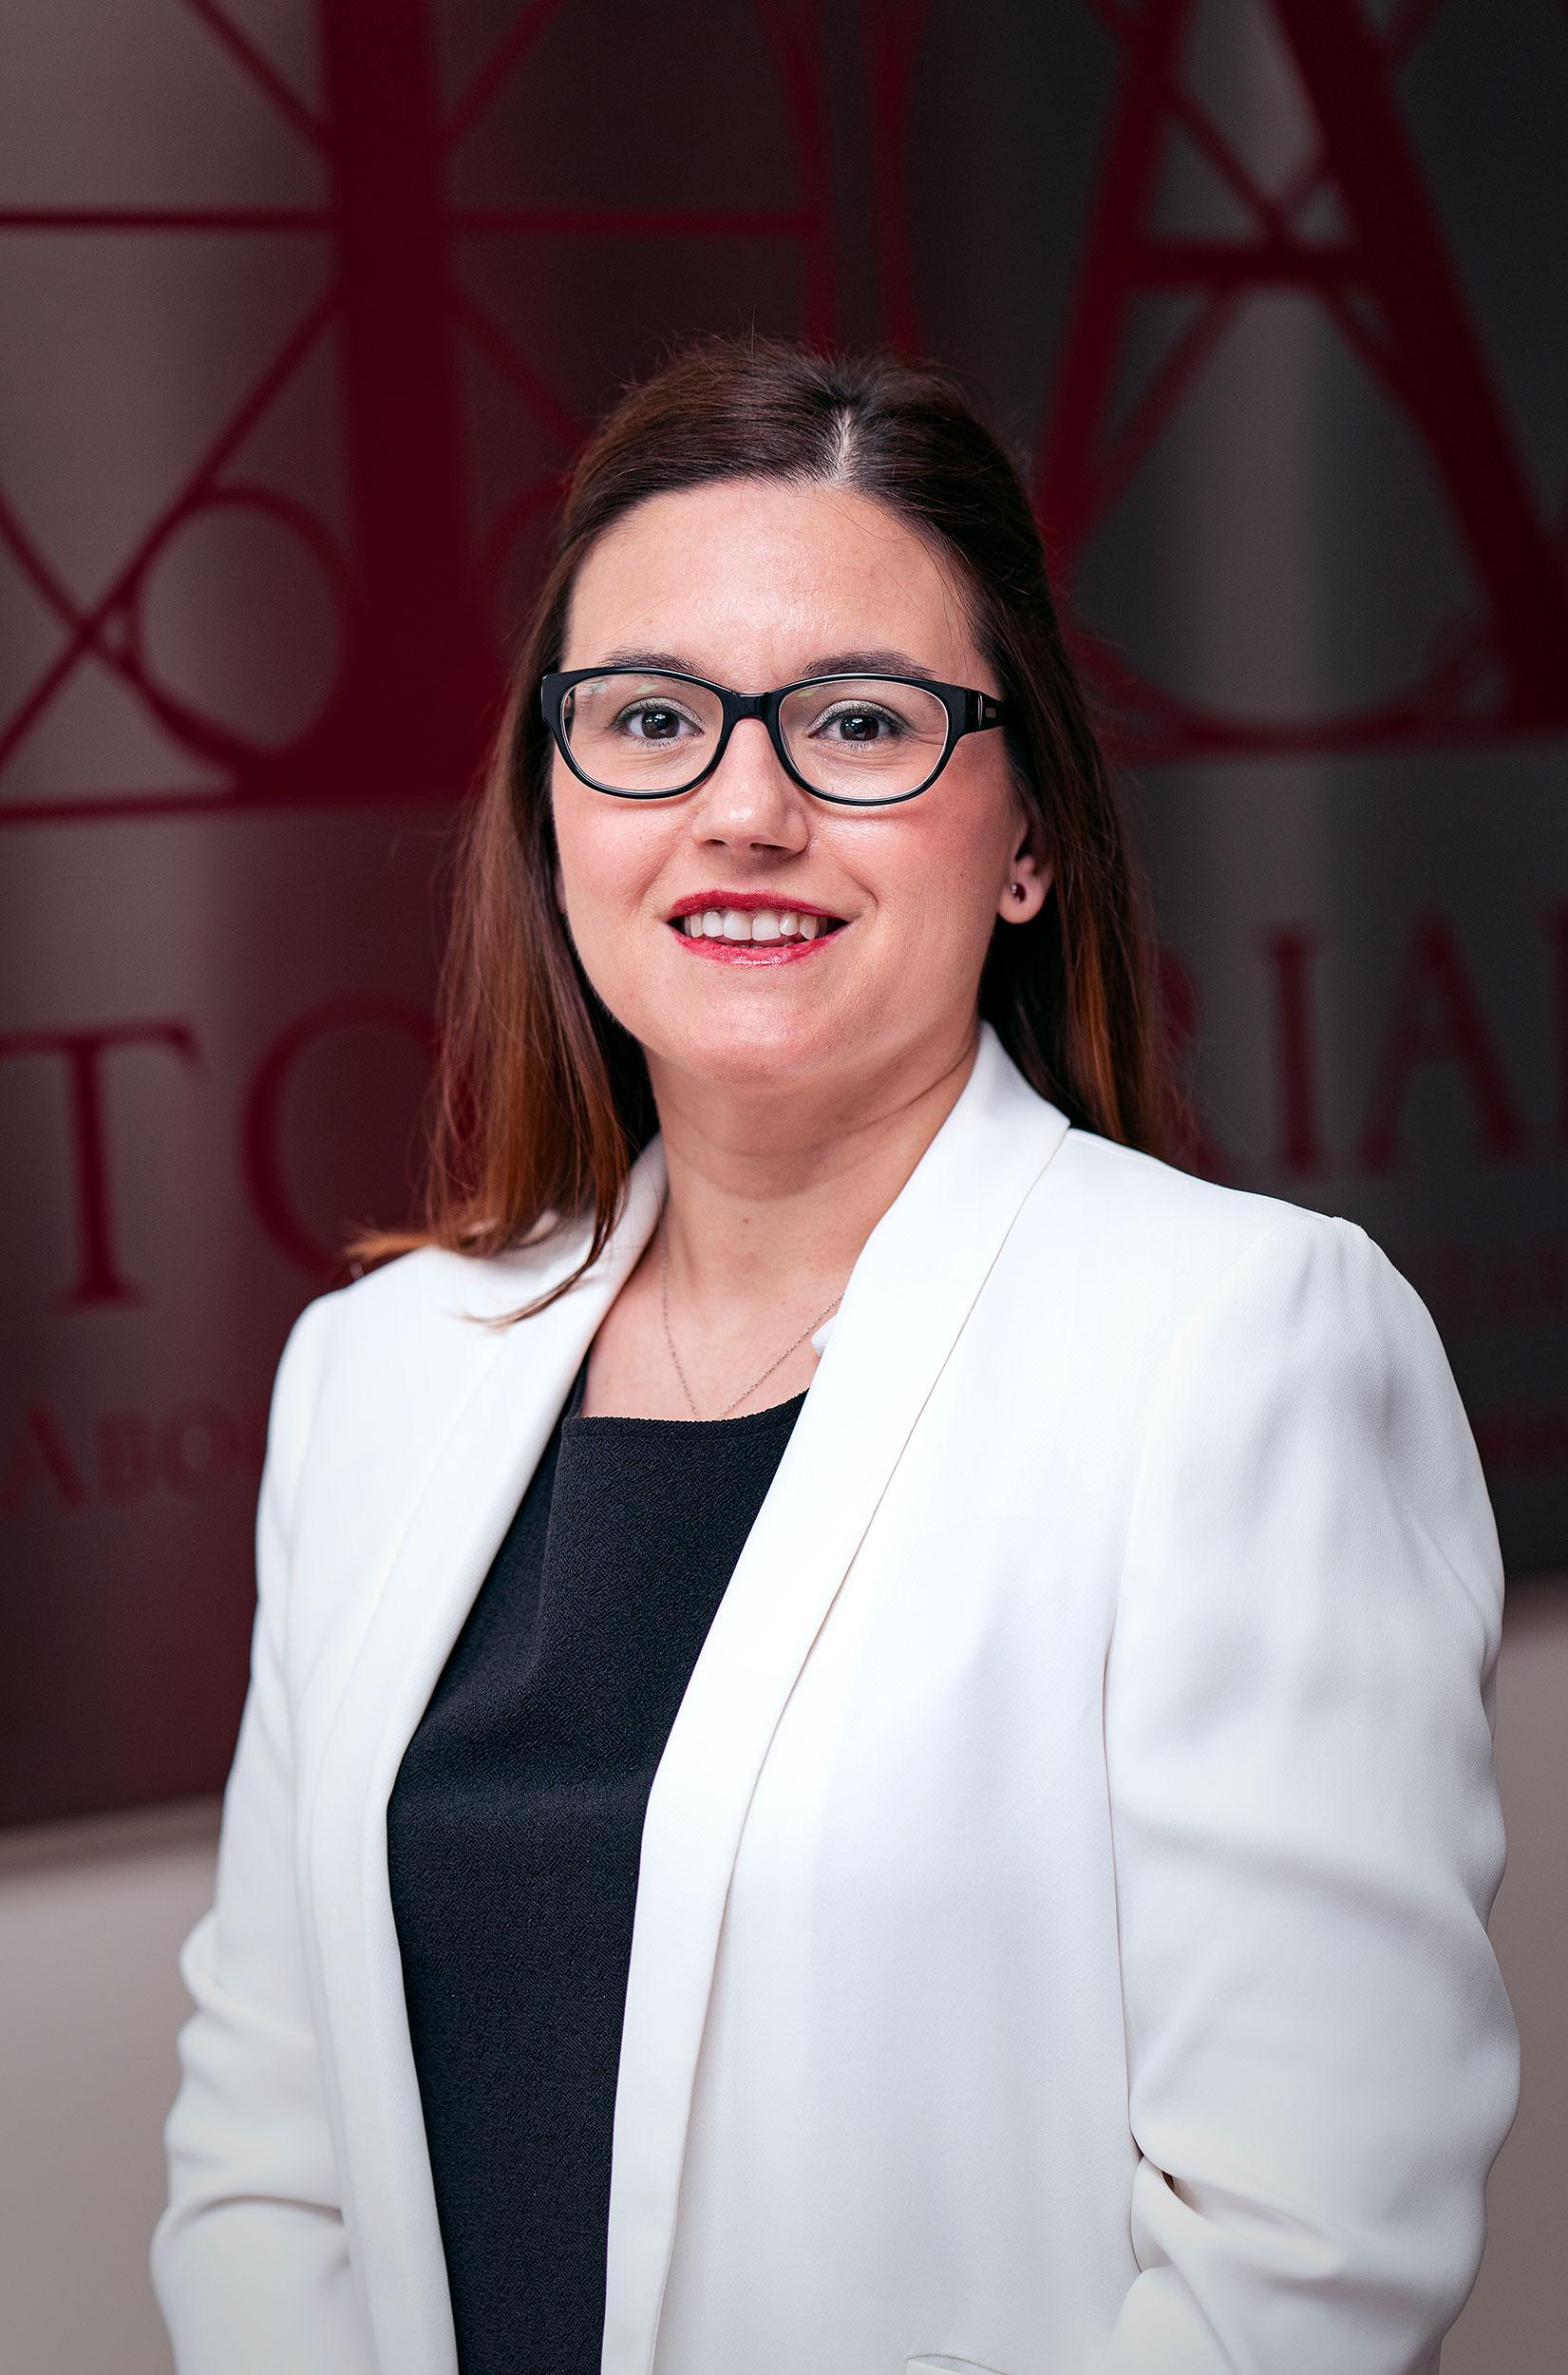 Mª Teresa Requena Boils